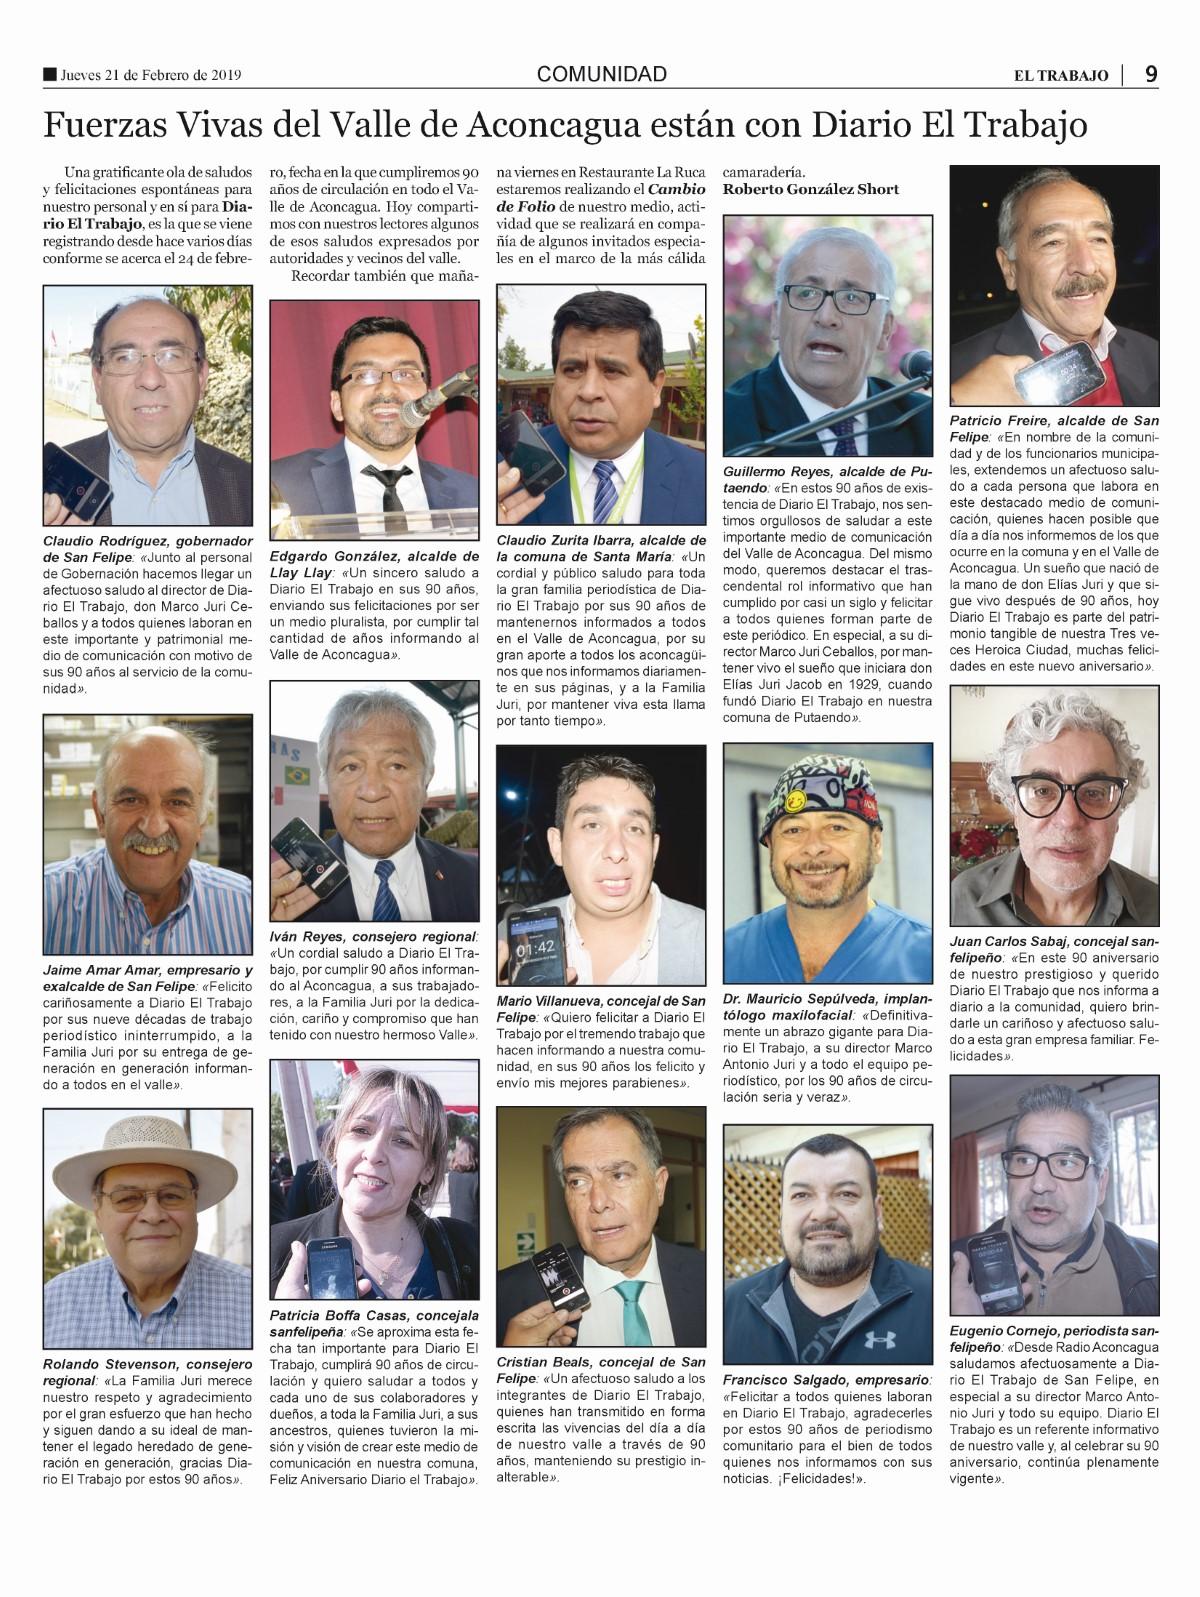 Fuerzas Vivas del Valle de Aconcagua están con Diario El Trabajo